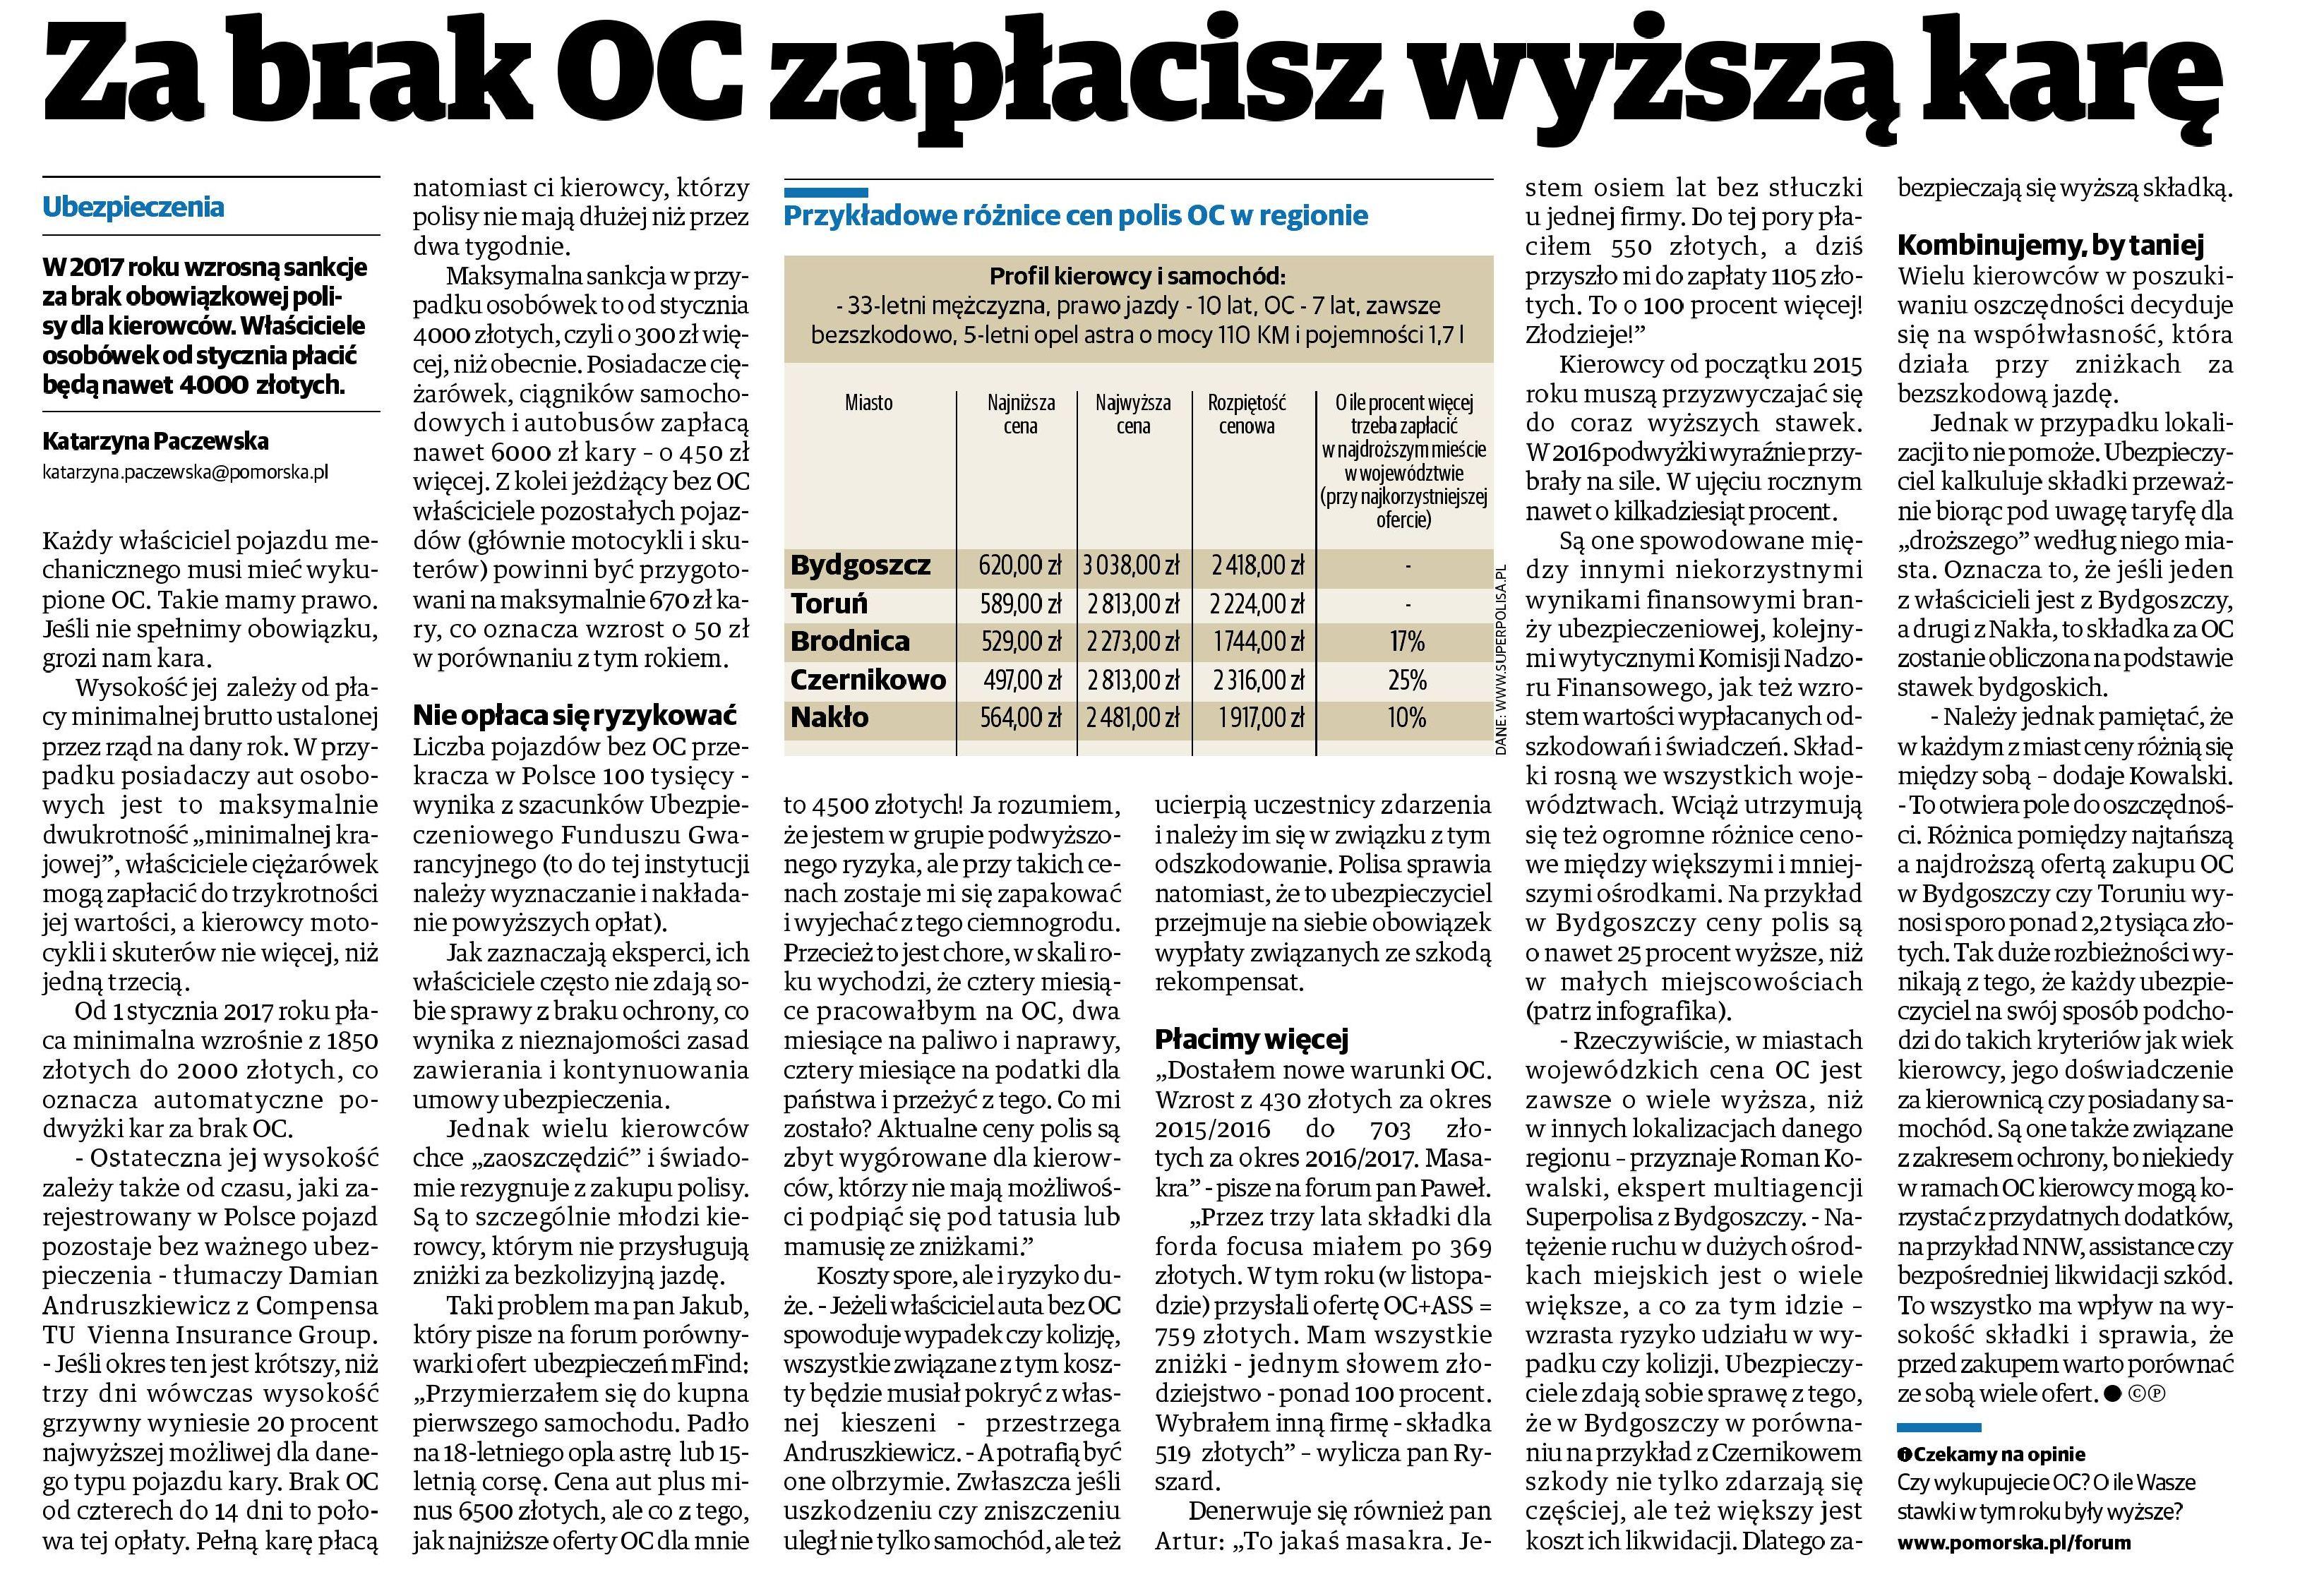 Za brak OC zapłacisz wyższą karę – Gazeta Pomorska